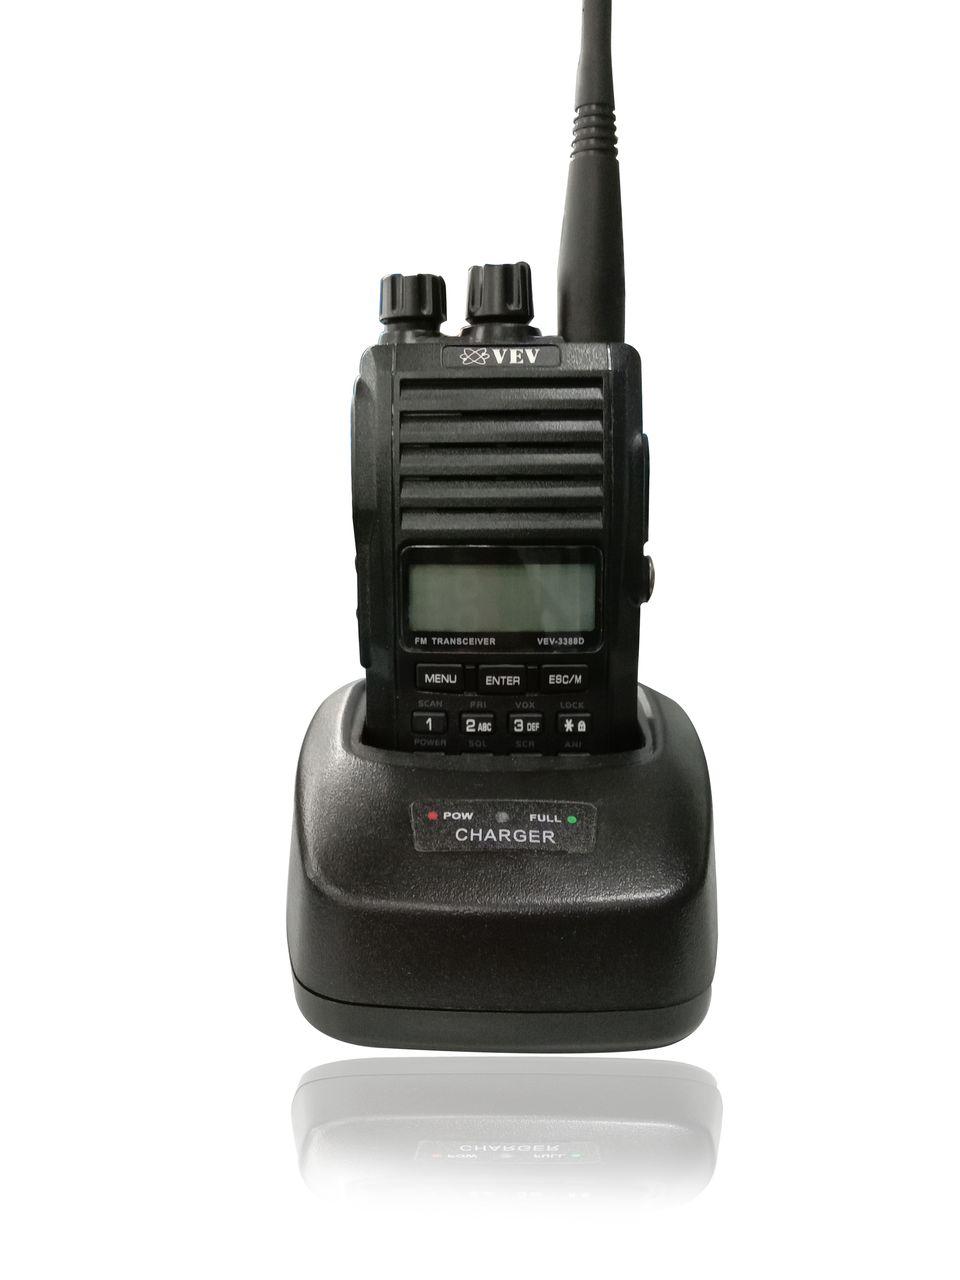 WEIERWEI HT VEV 338/3388 VHF PCS